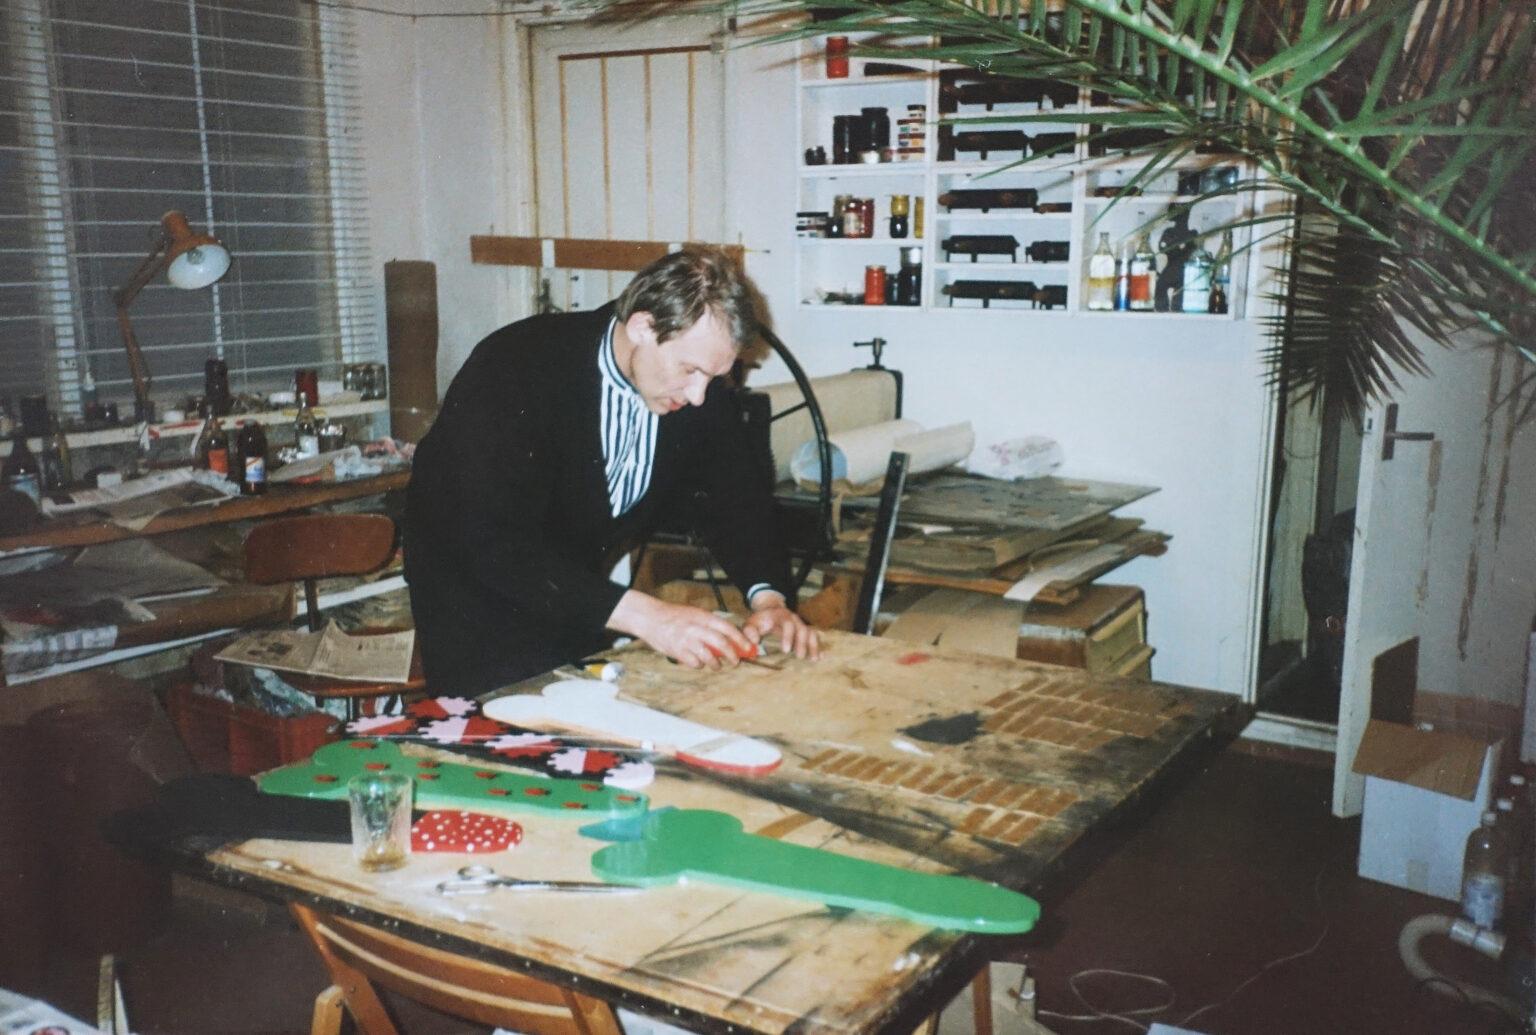 Jüri Kaarma aastal 1995 Lasnamäe ateljees. Paremal nurgas paistab palmipuu, mis täitis ateljee, kõrgudes peaaegu neljameetrise laeni. Palm elas 44-aastaseks. Foto: Eve Kask